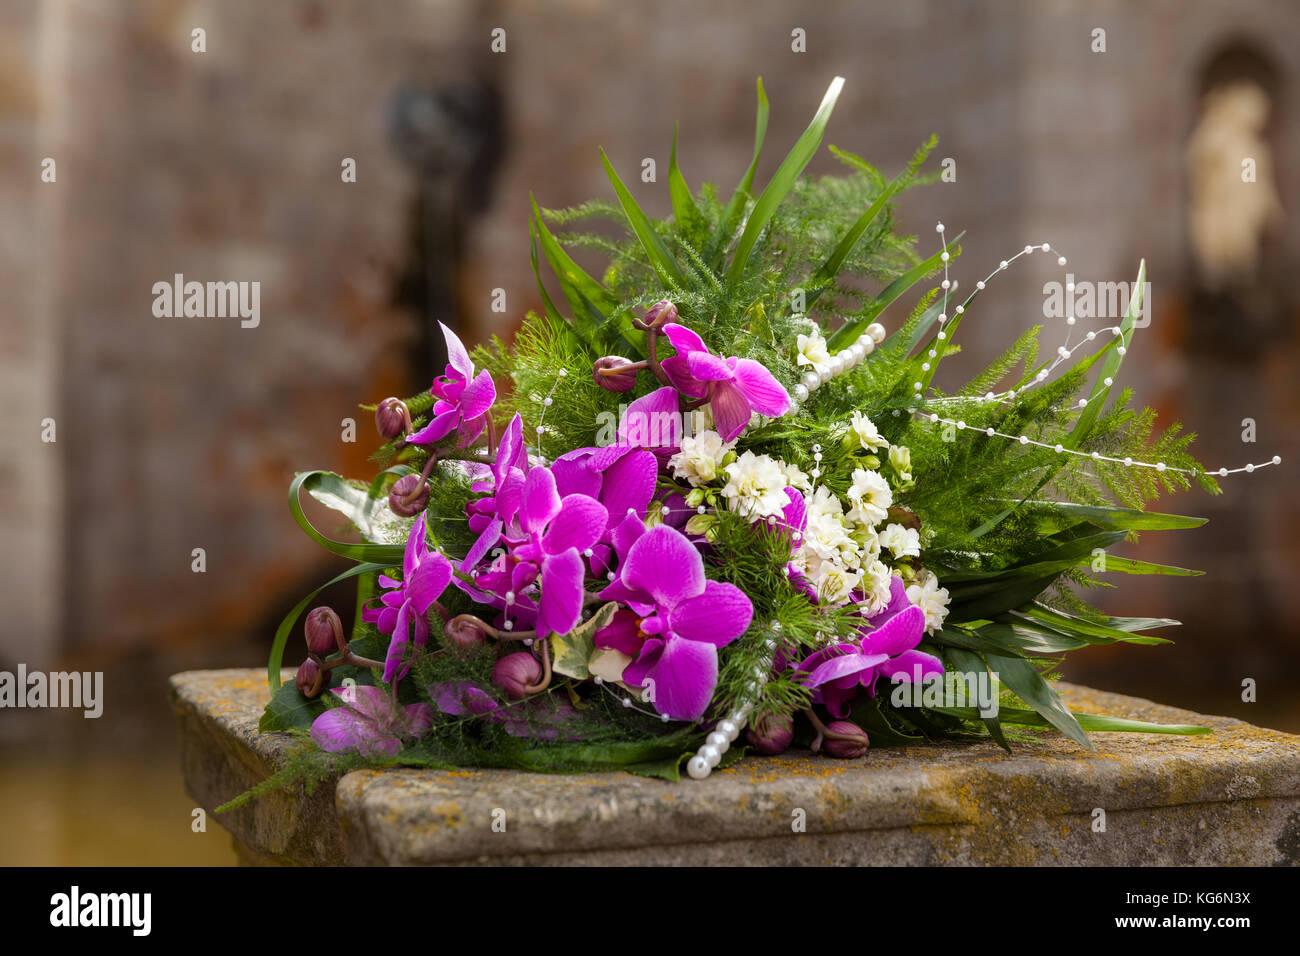 Hochzeit Brautstrauß lila Blumen - Stock Image